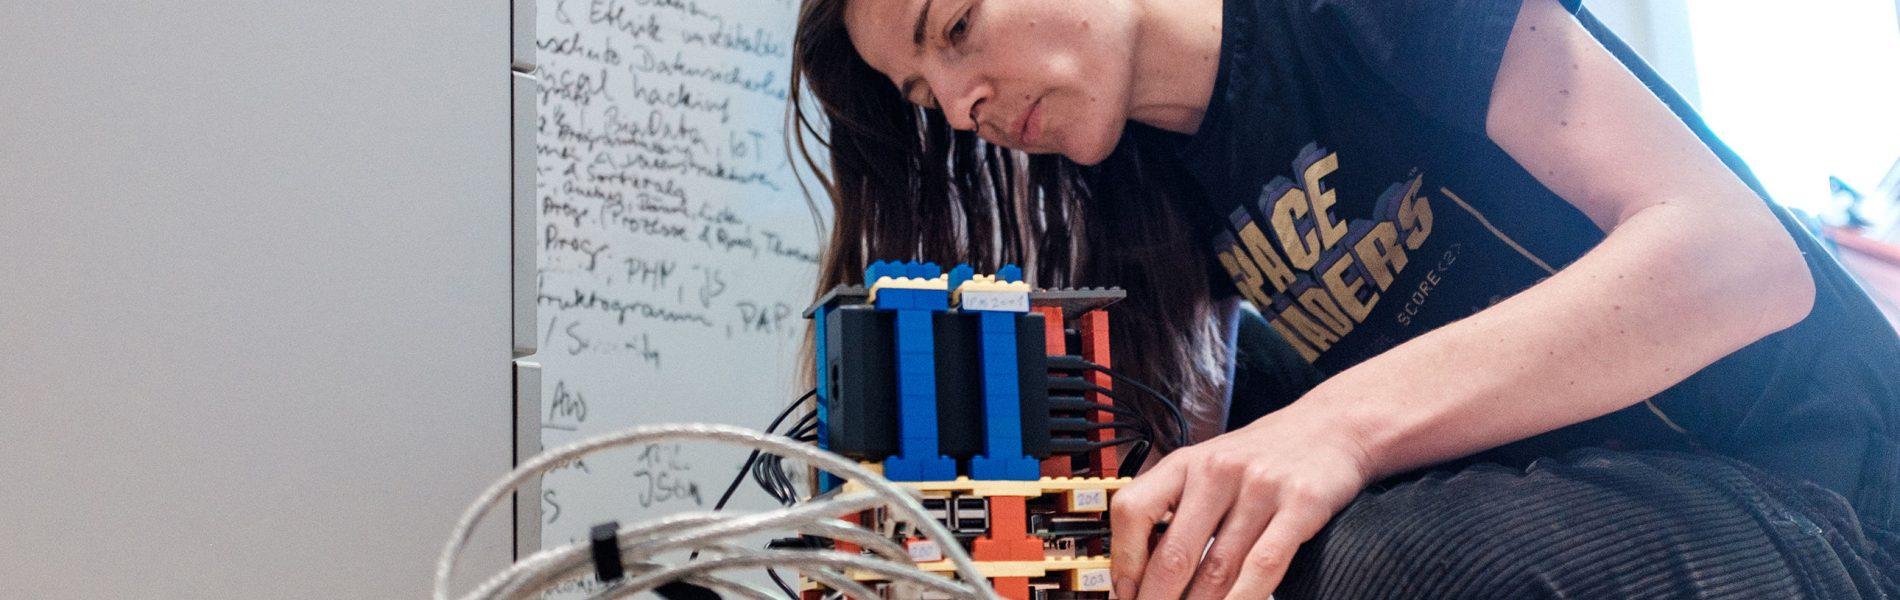 Das Bild zeigt eine Person, die an einem größeren Gebilde aus LEGO-Steinen arbeitet. Es sind viele Ports im Gebilde zu erkennen.